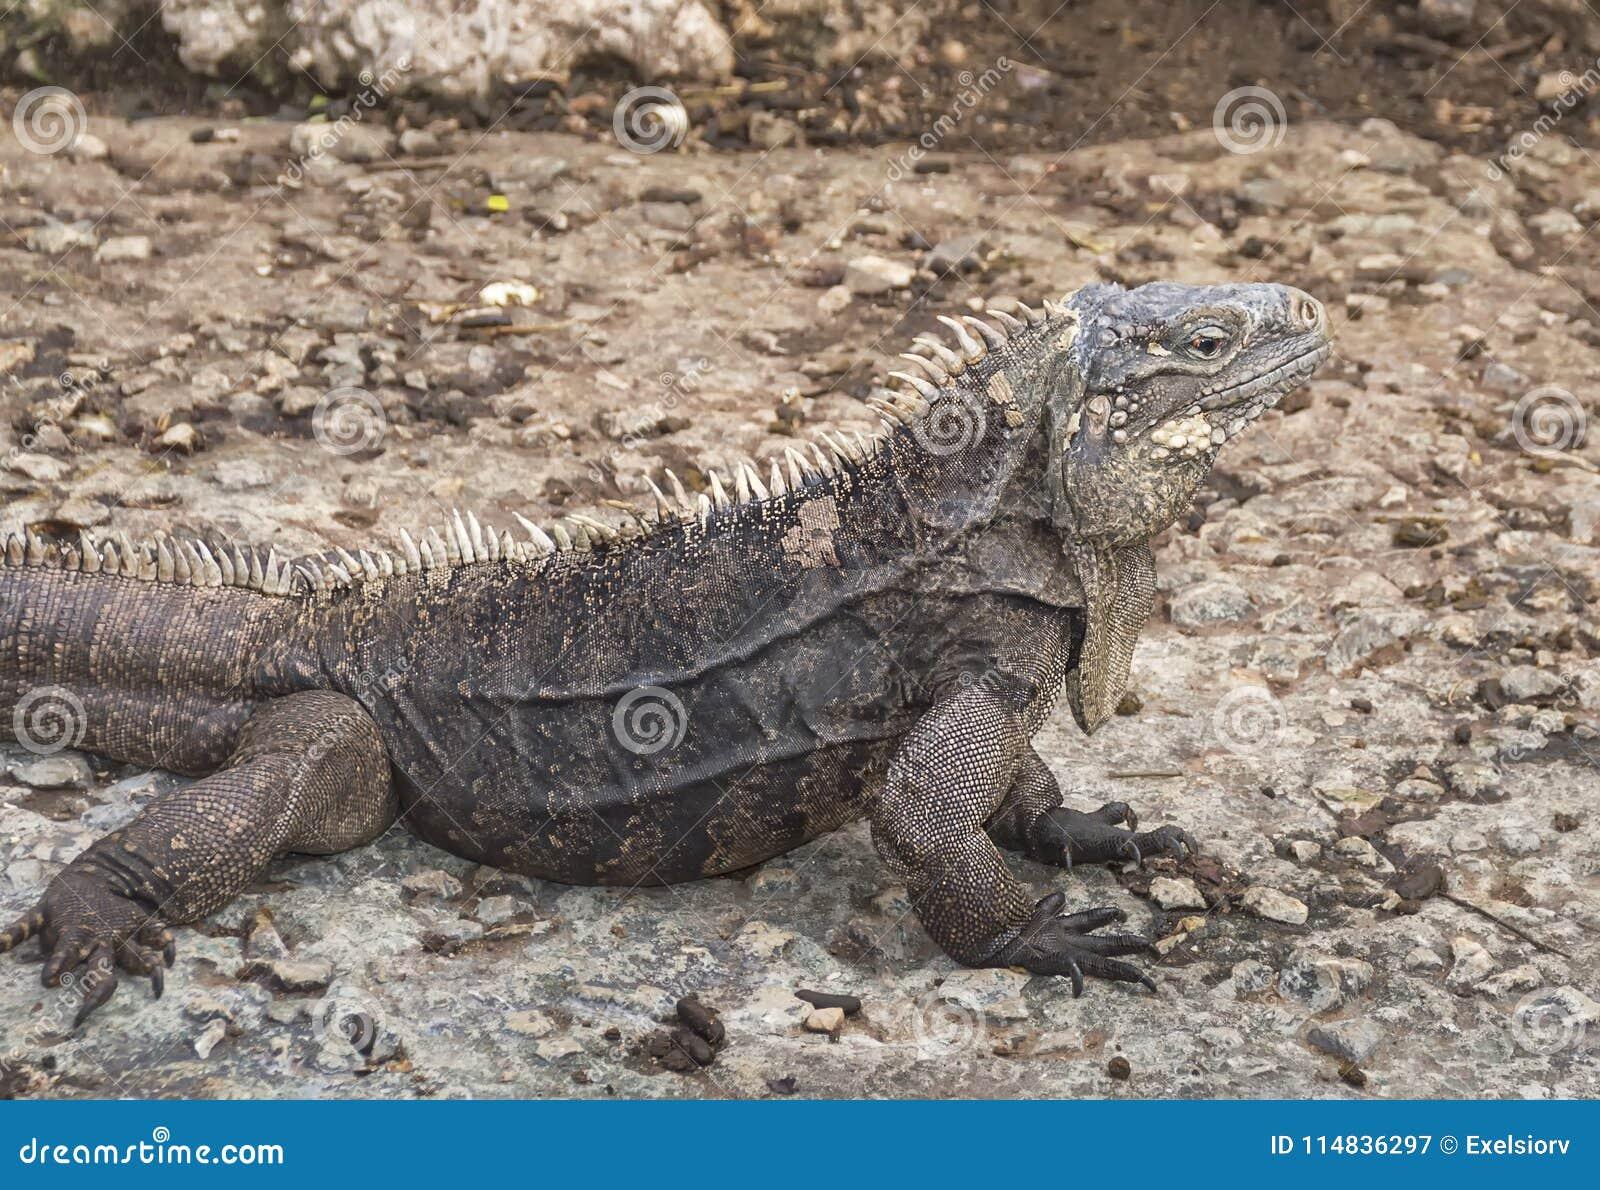 Guana det vanliga, i naturliga villkor